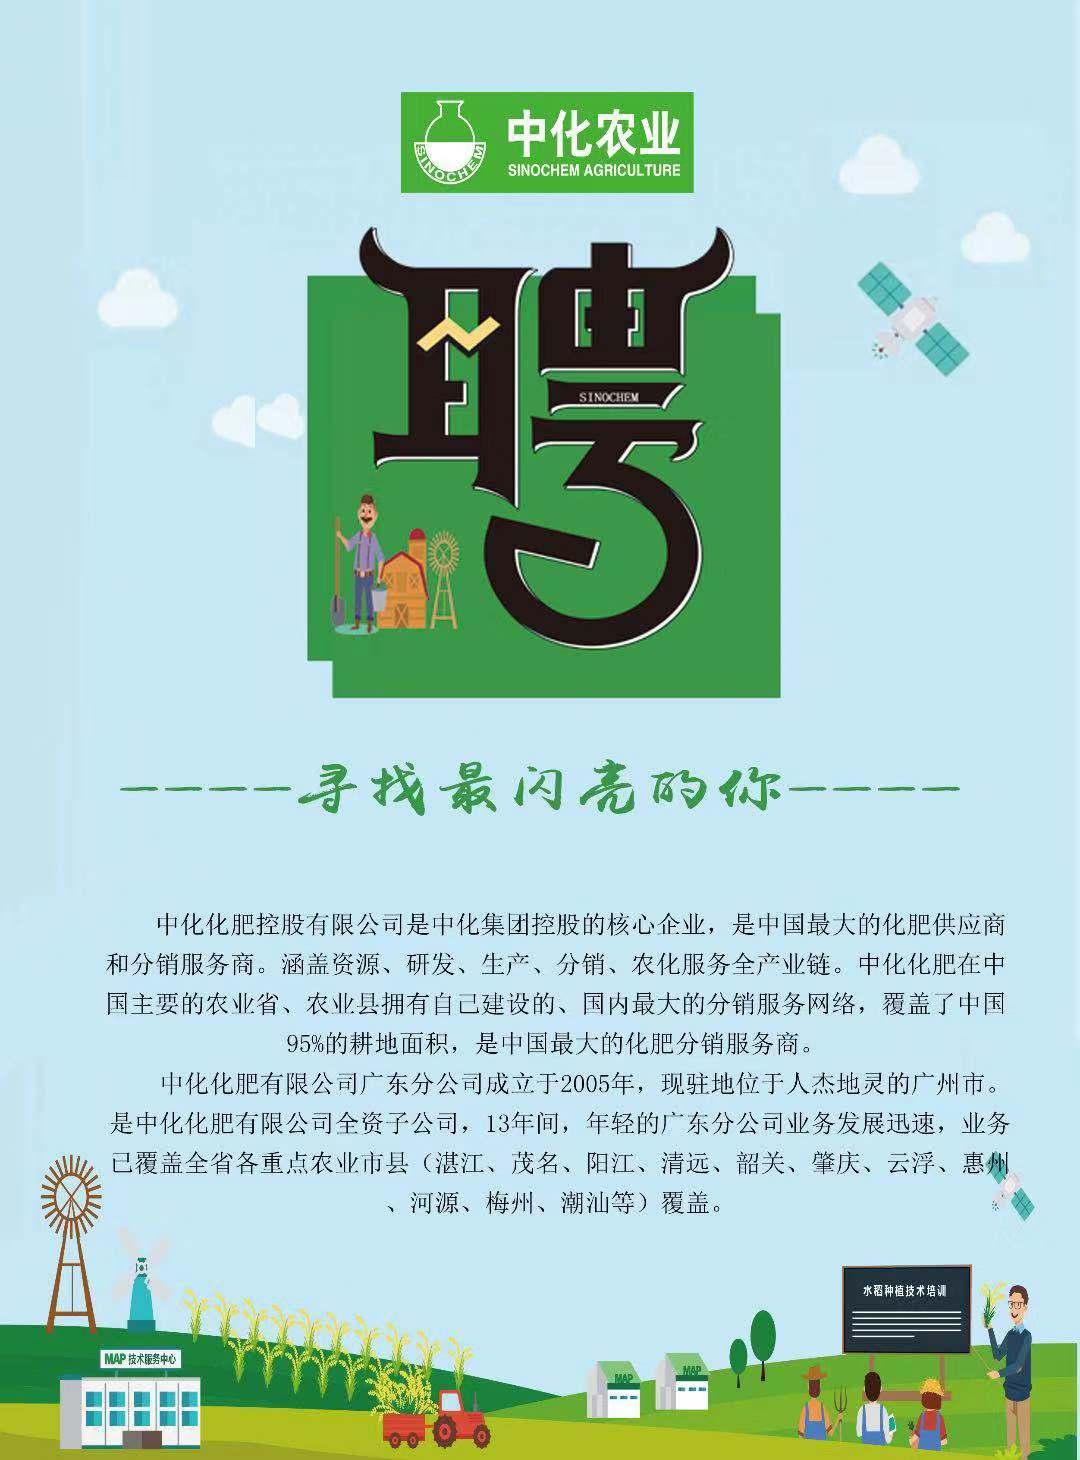 中化化肥有限公司广东分公司宣讲会